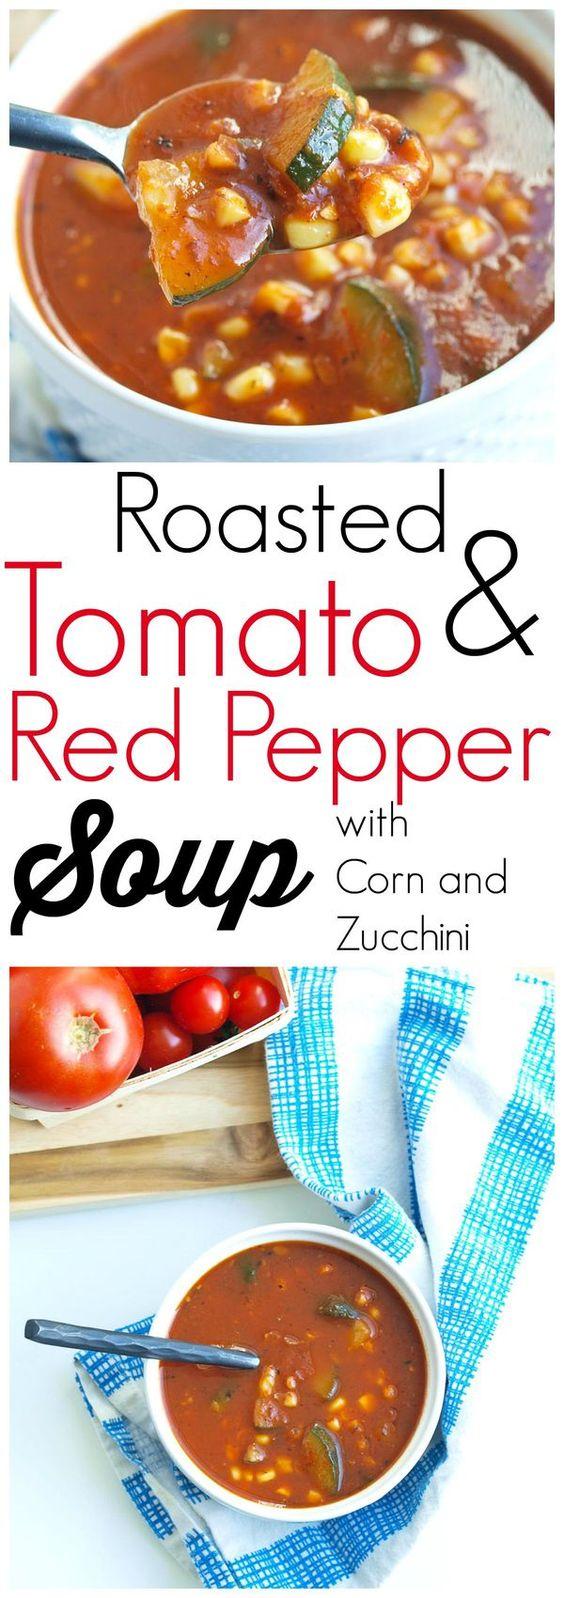 Explore Tomato Corn Soup, Zucchini Tomato Soup, and more!